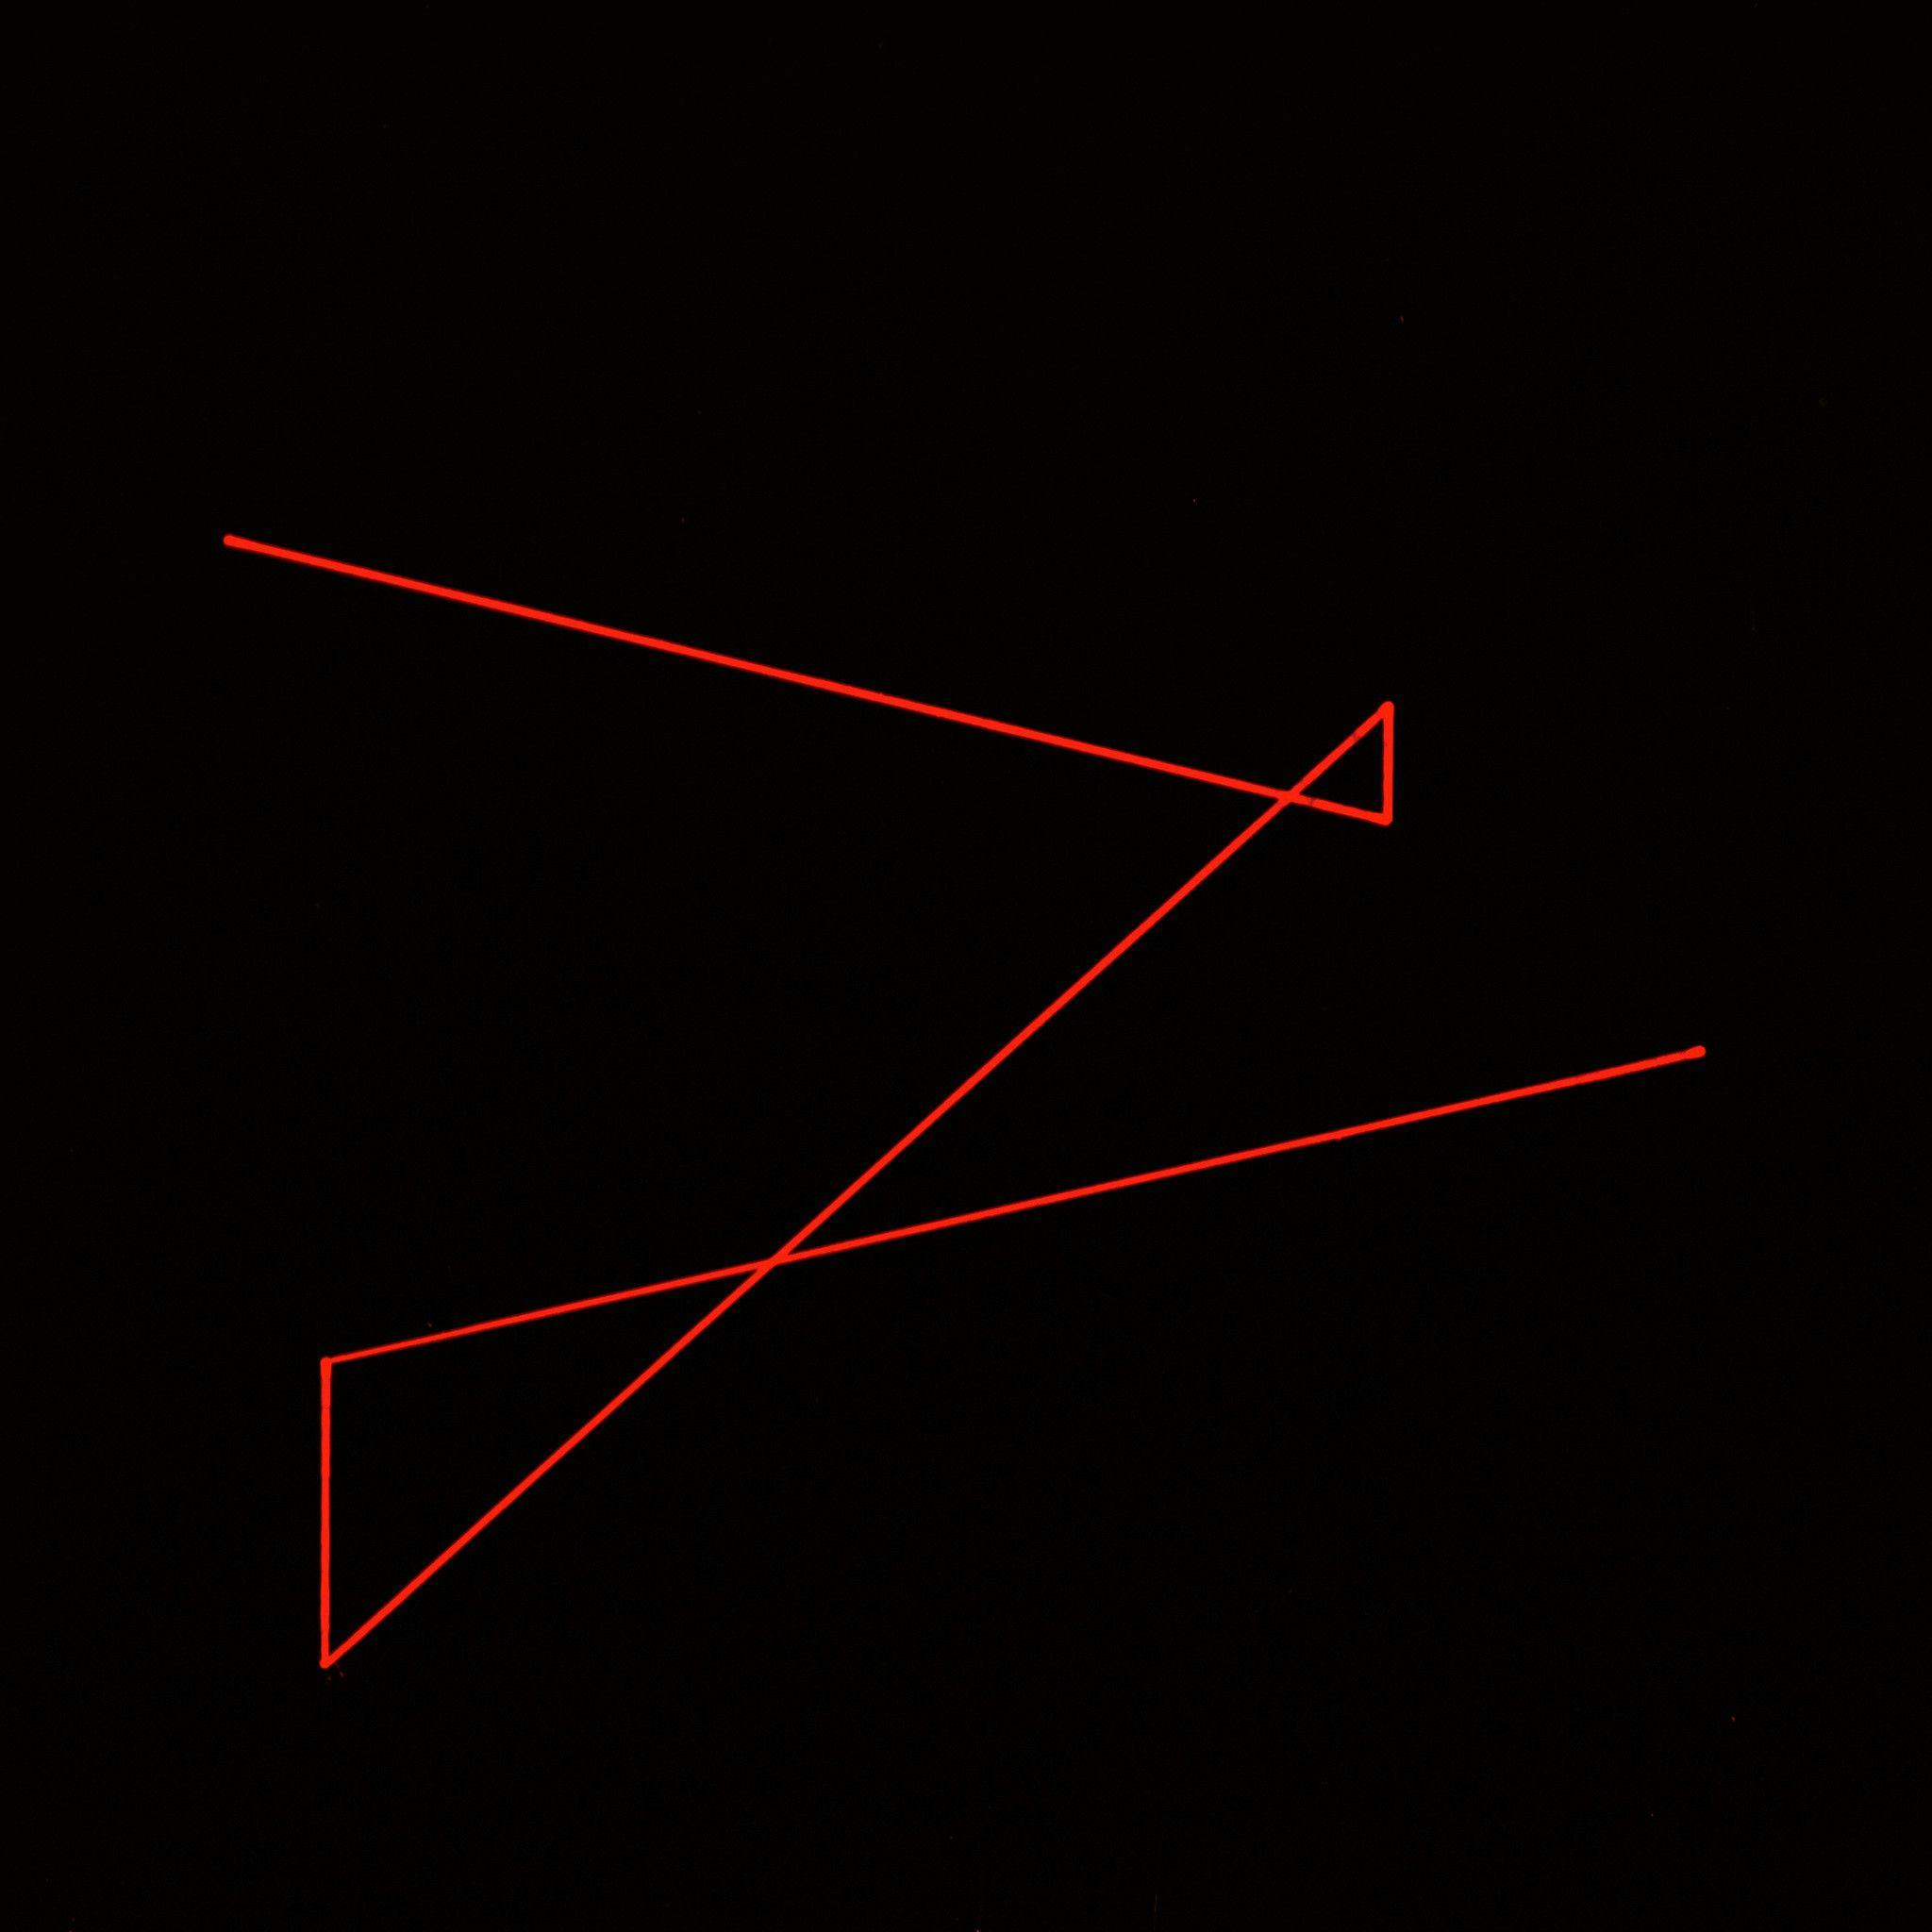 """VETRO DECORATO IGOR GRIGOLETTO """" SEGNO 041 """"  dimensioni L 20 x H 20 cm."""